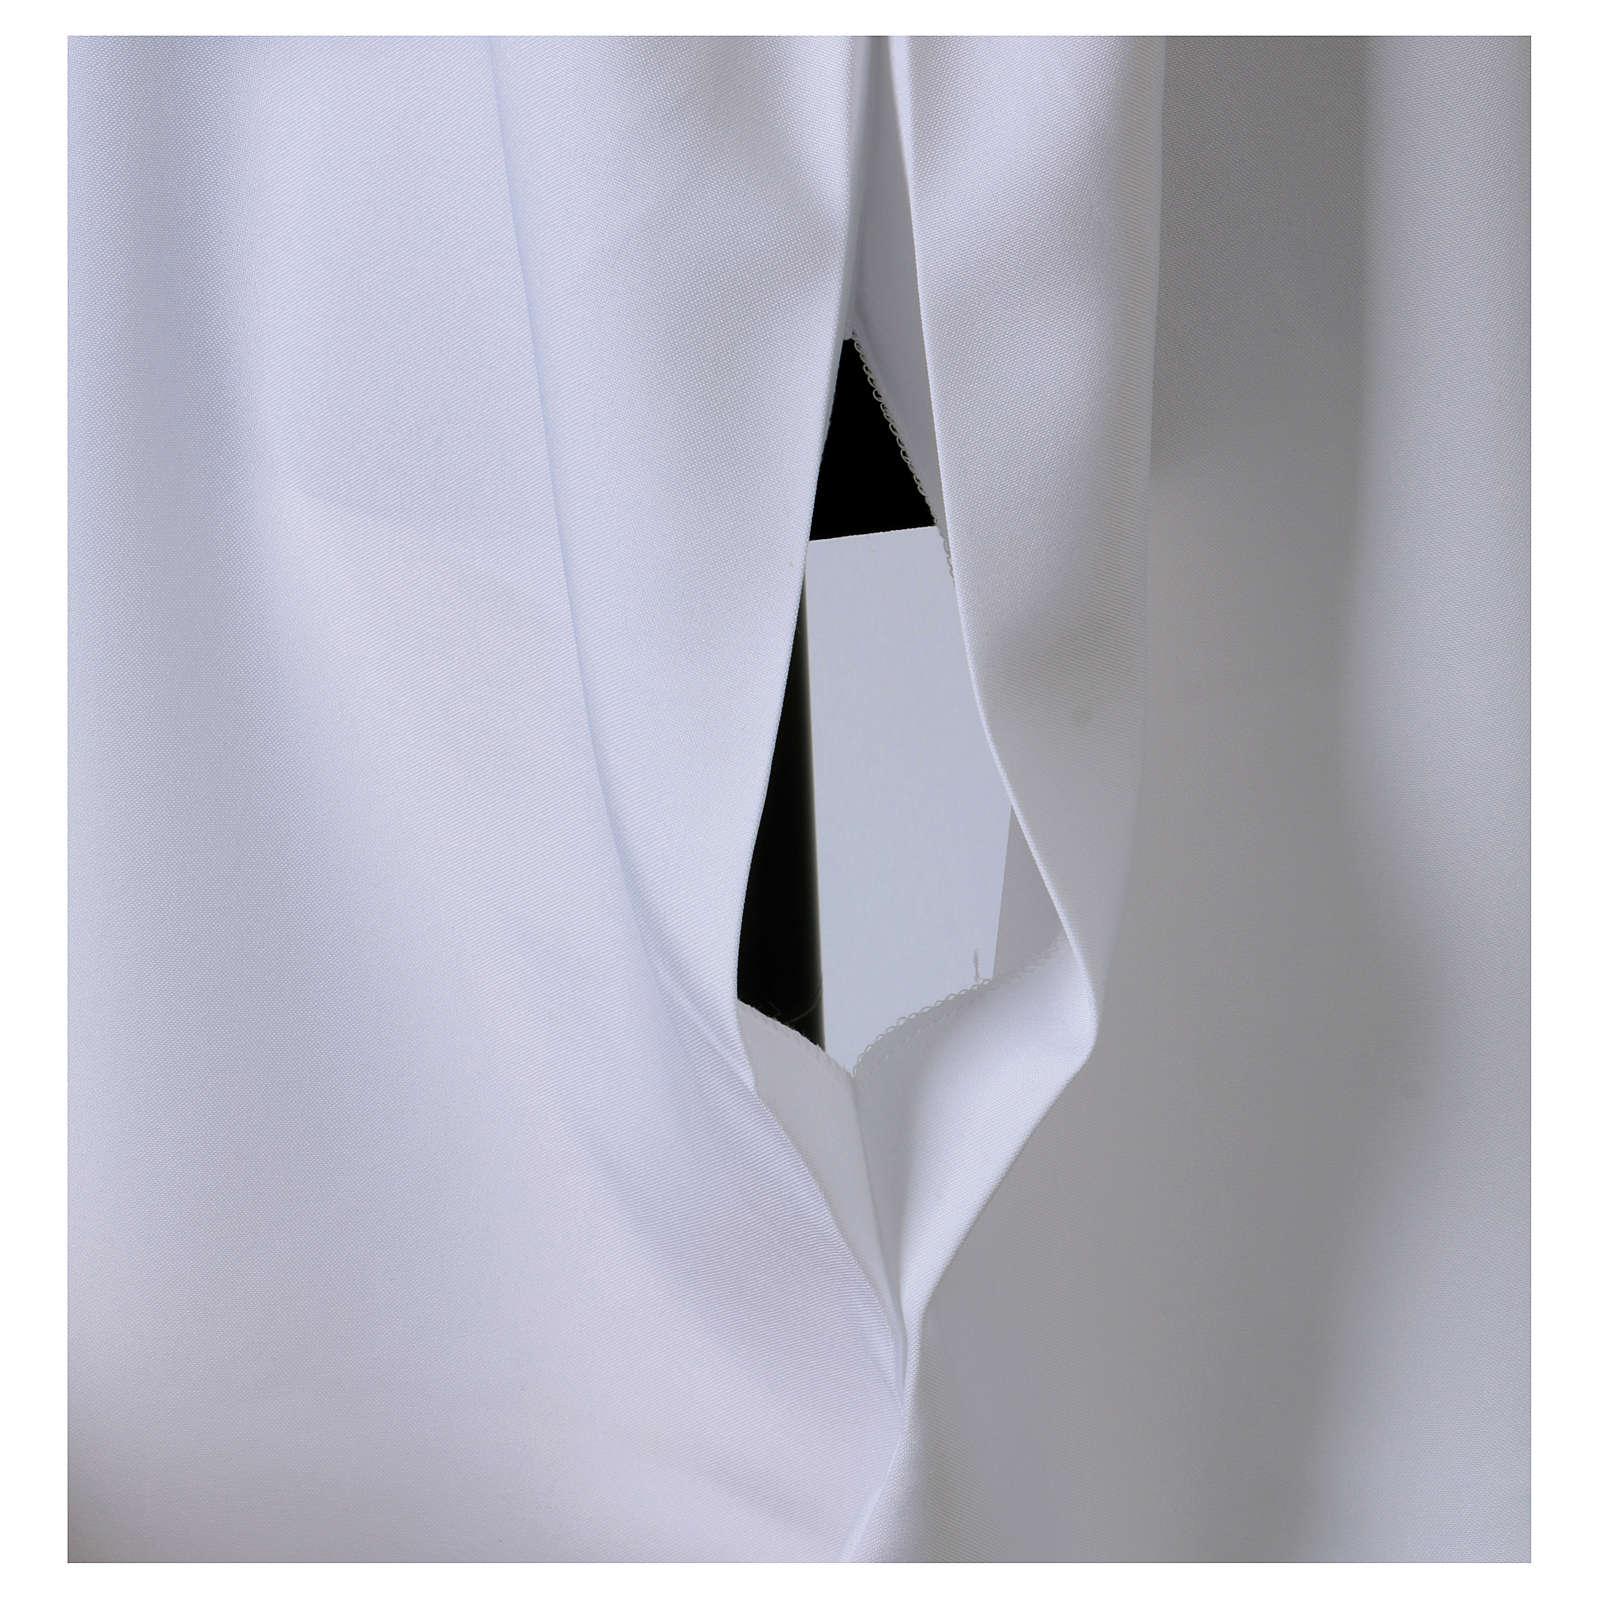 Camice bianco svasato con finto cappuccio 100% poliestere 4